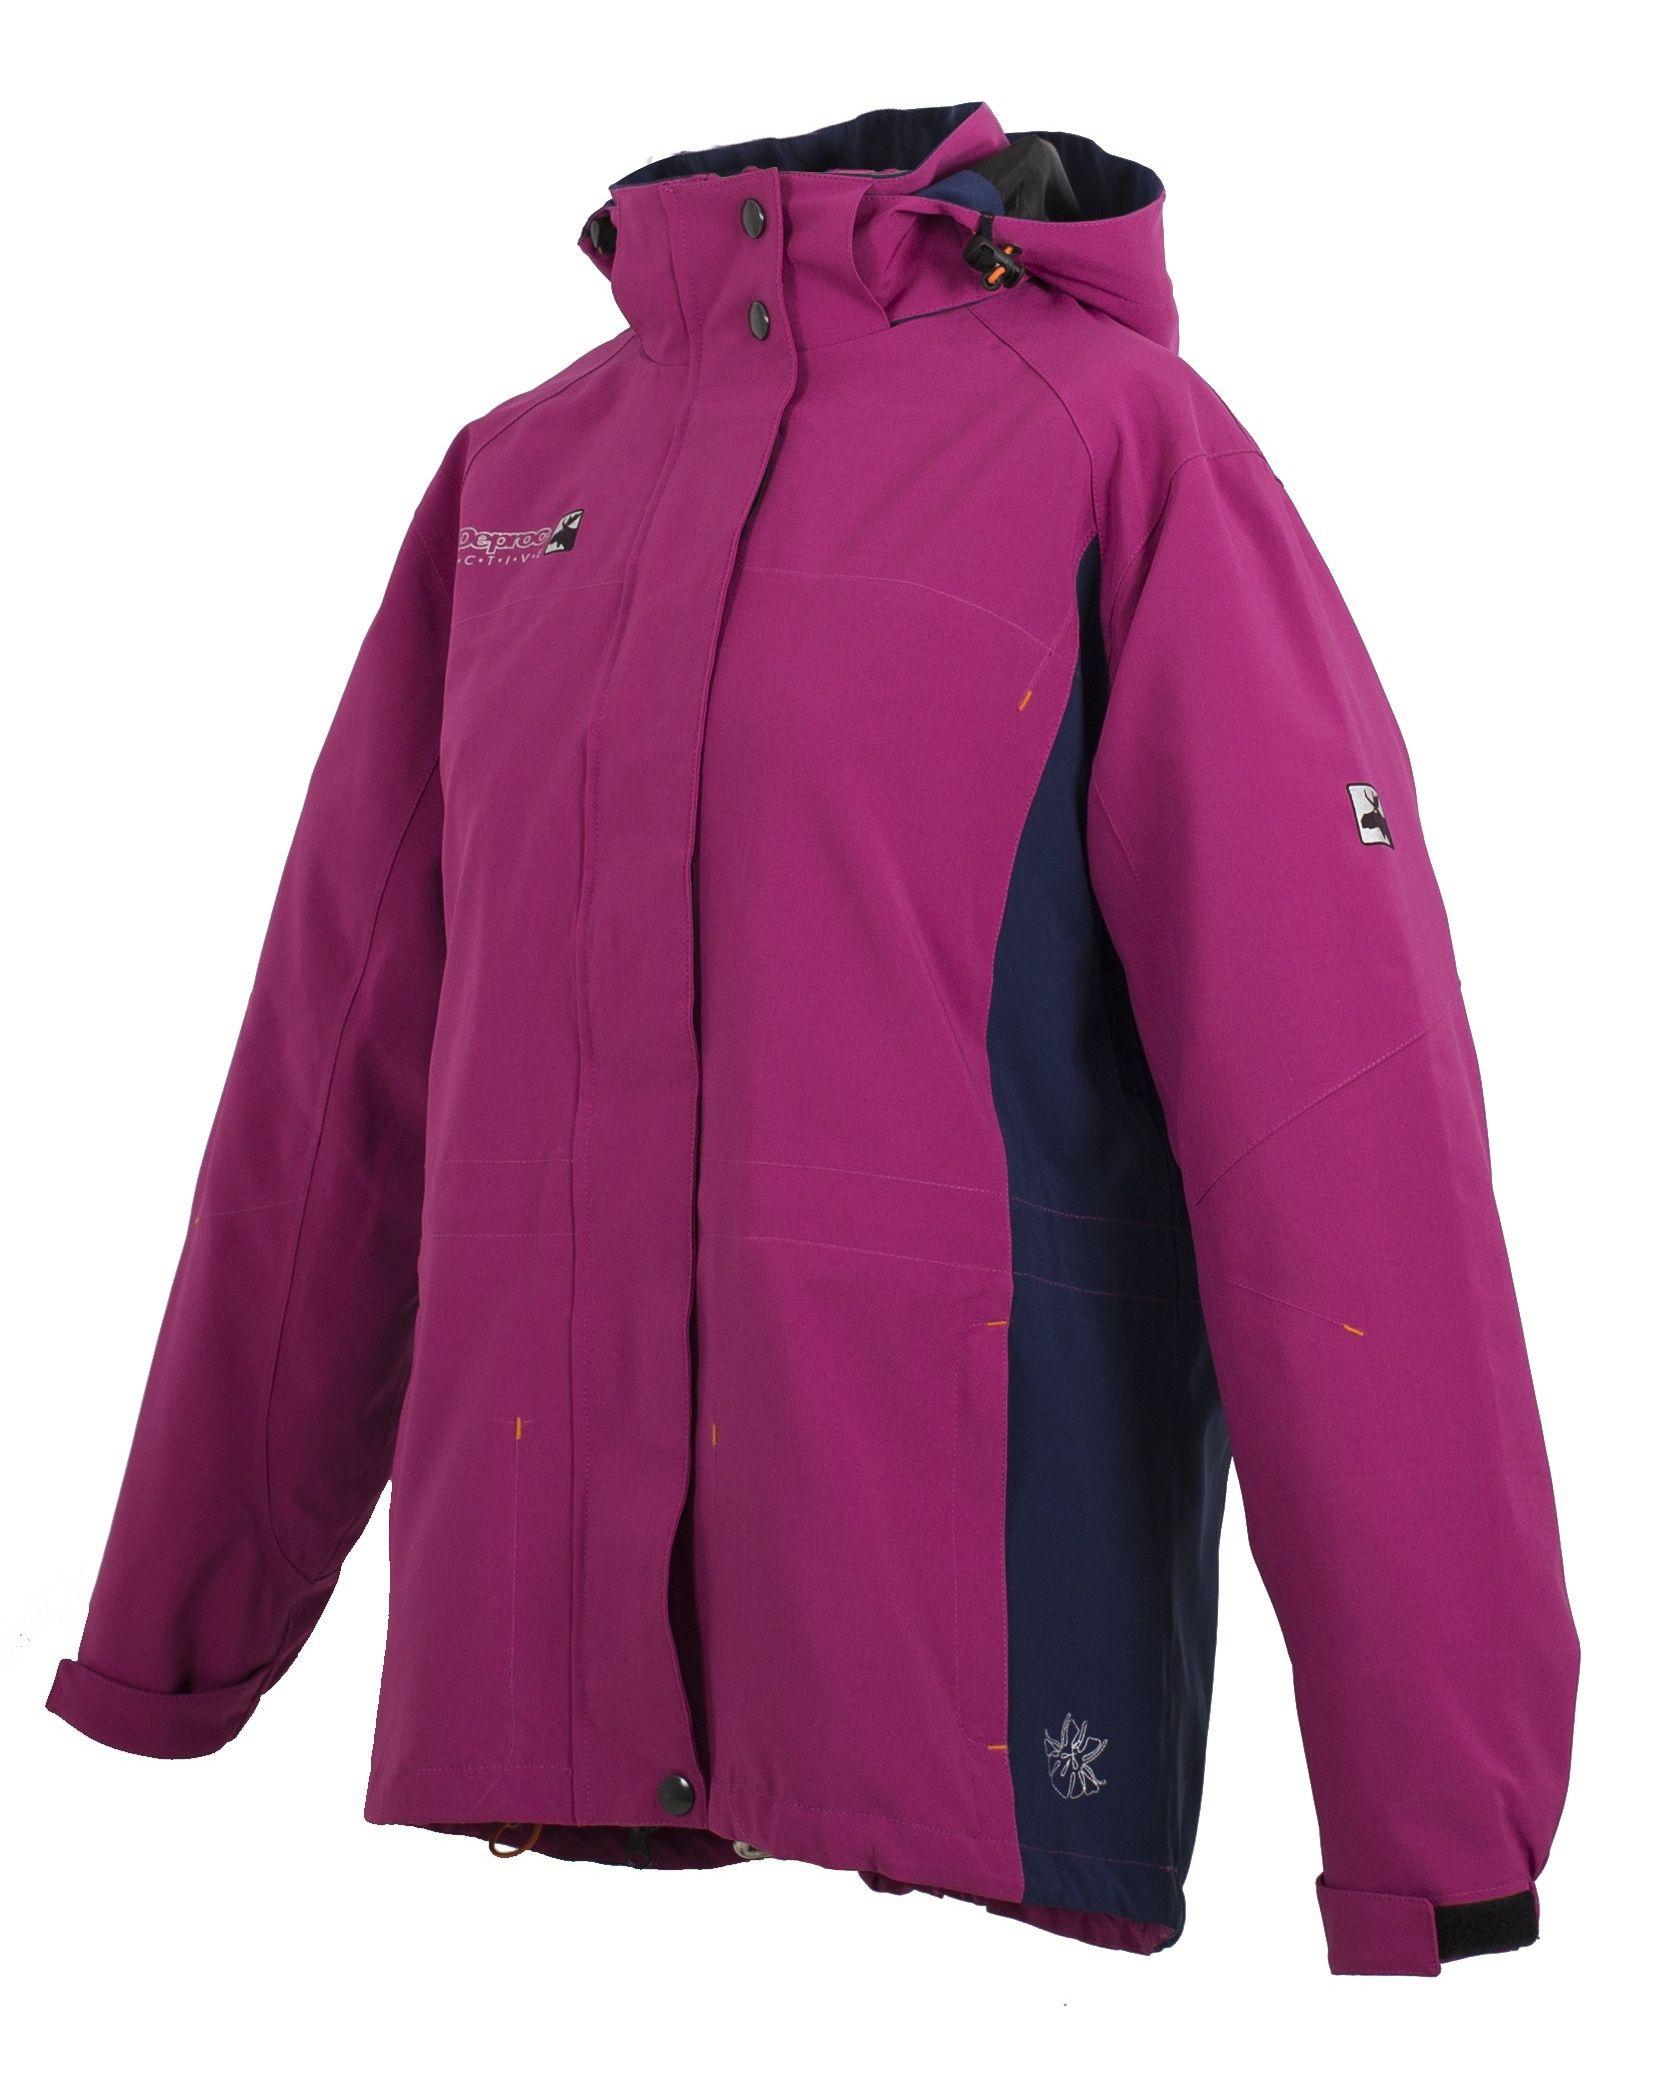 beste Auswahl an so billig Großbritannien Die Outdoor Jacke ASPEN LADY SUMMER NEW MODEL von Deproc ist eine ...